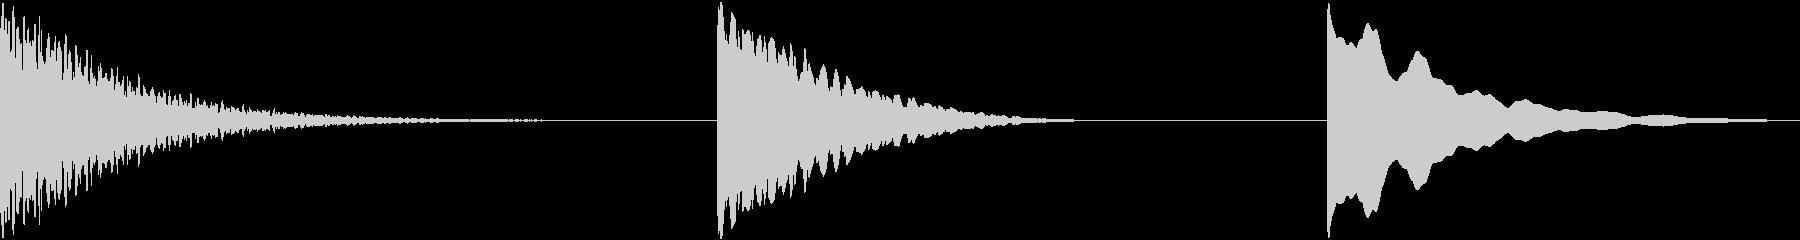 ベルヒット、3バージョン、インパク...の未再生の波形